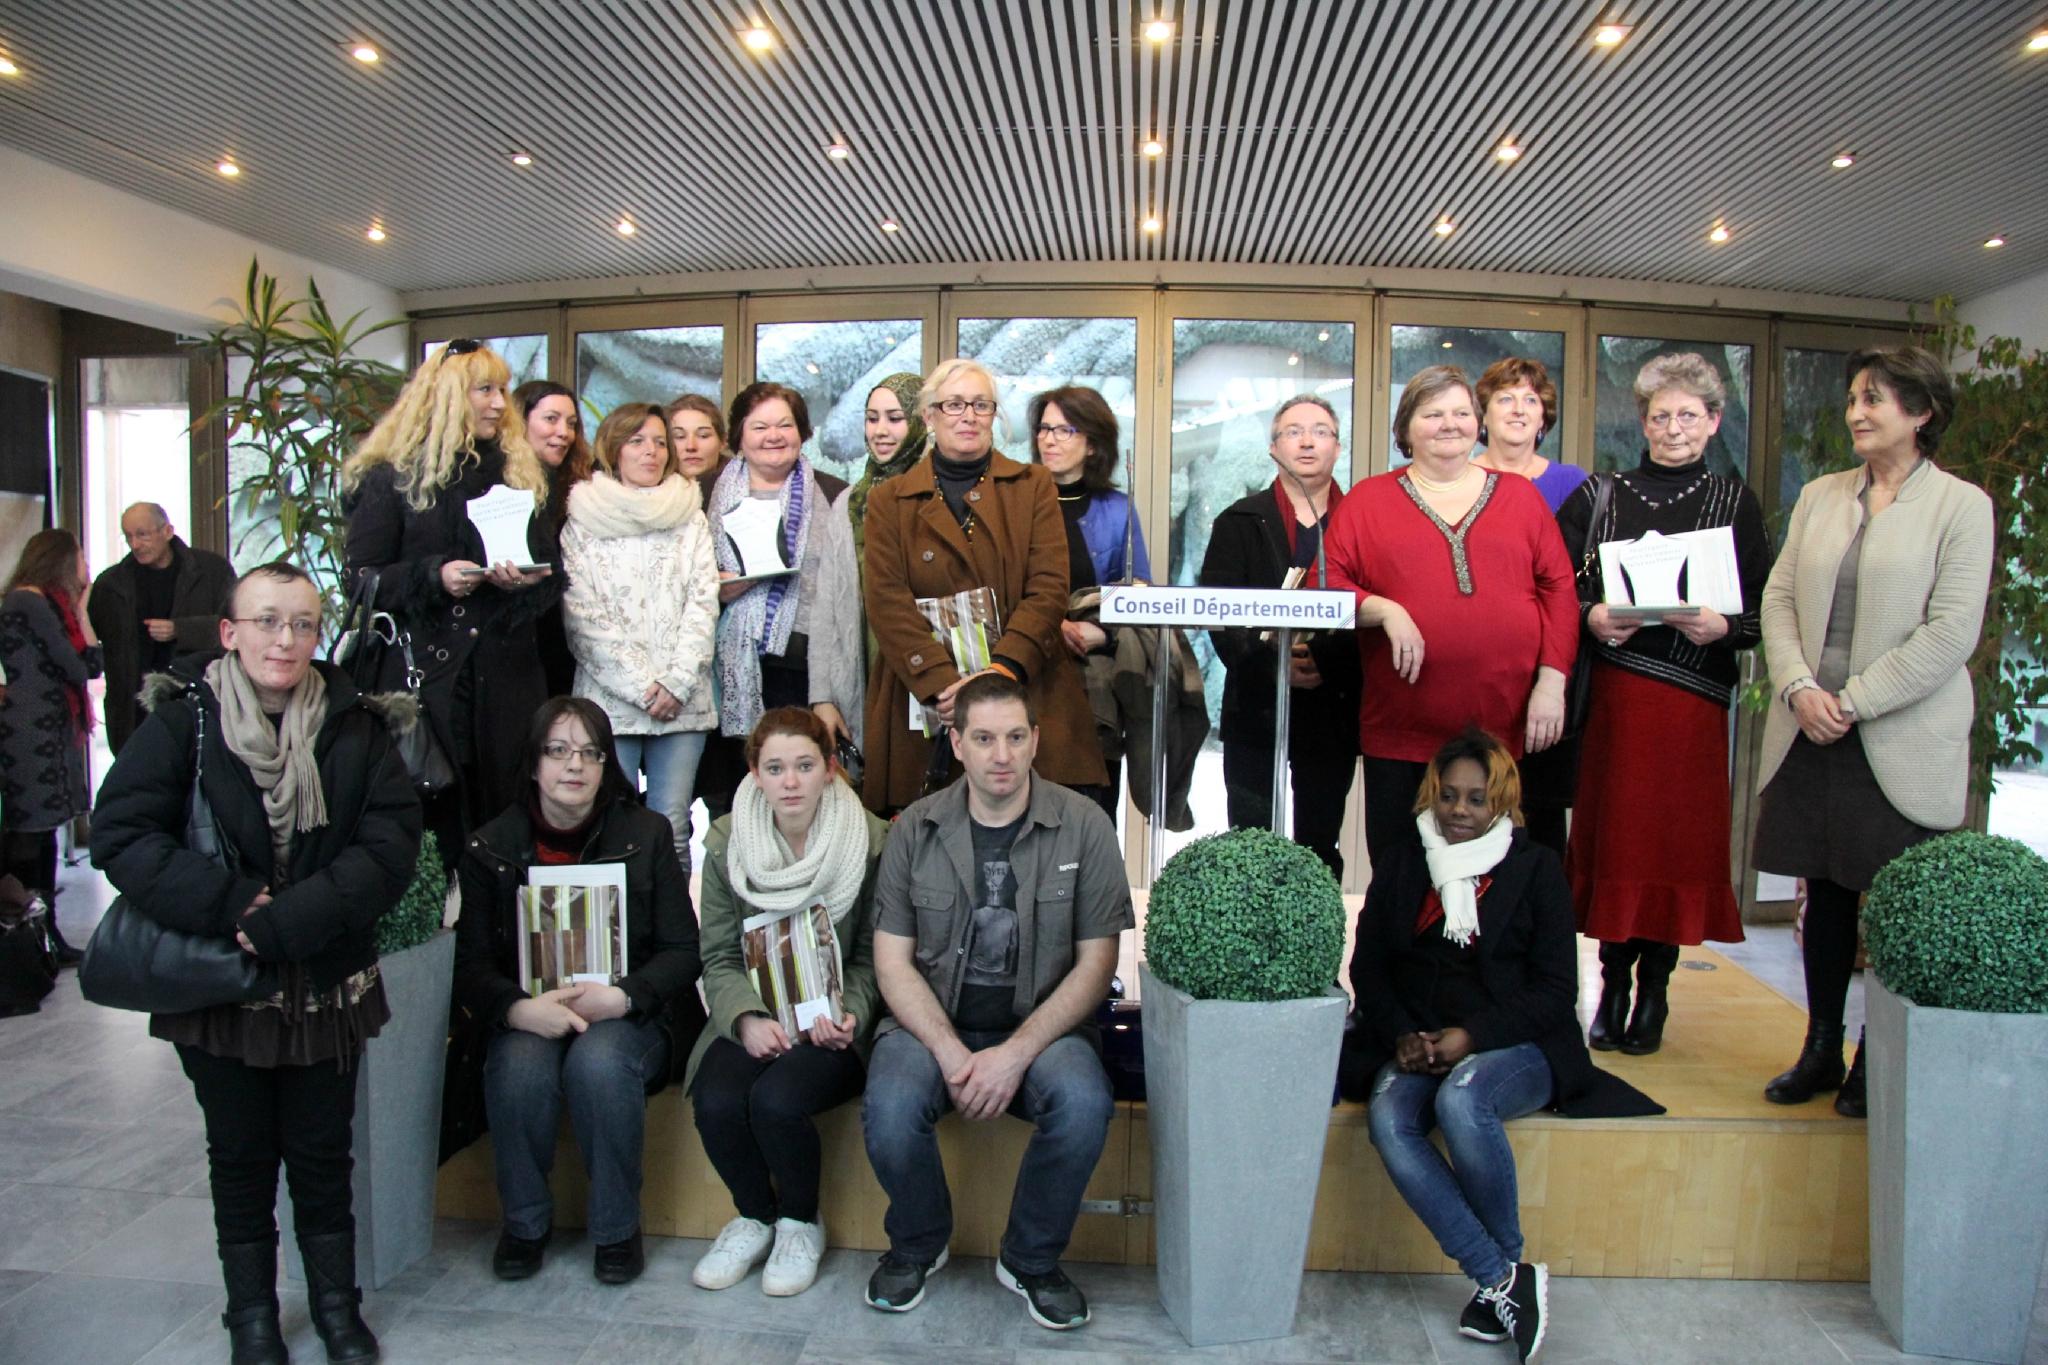 Remise des trophées Concours d'écriture en photos 8/03/16 -Journée riche en émotions ! Interview des lauréats par Juliette Moyer